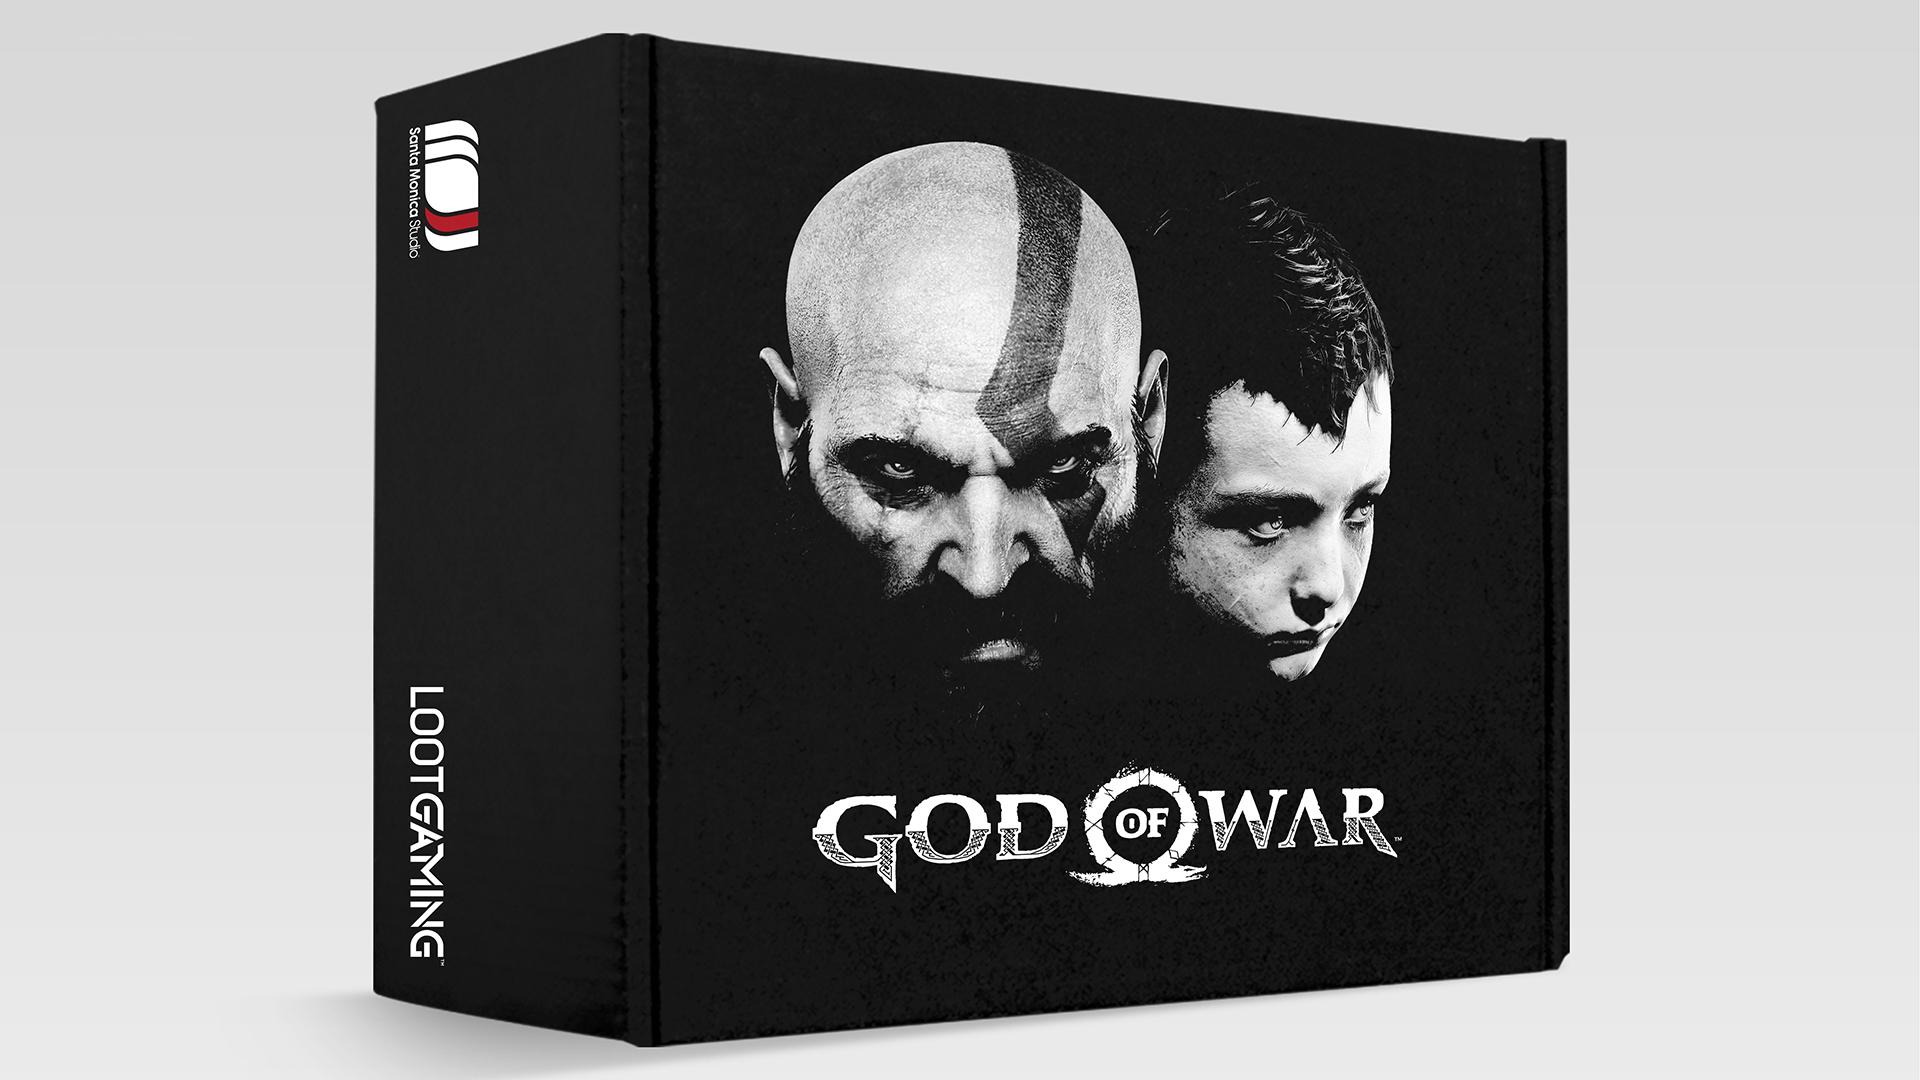 loot crate god of war